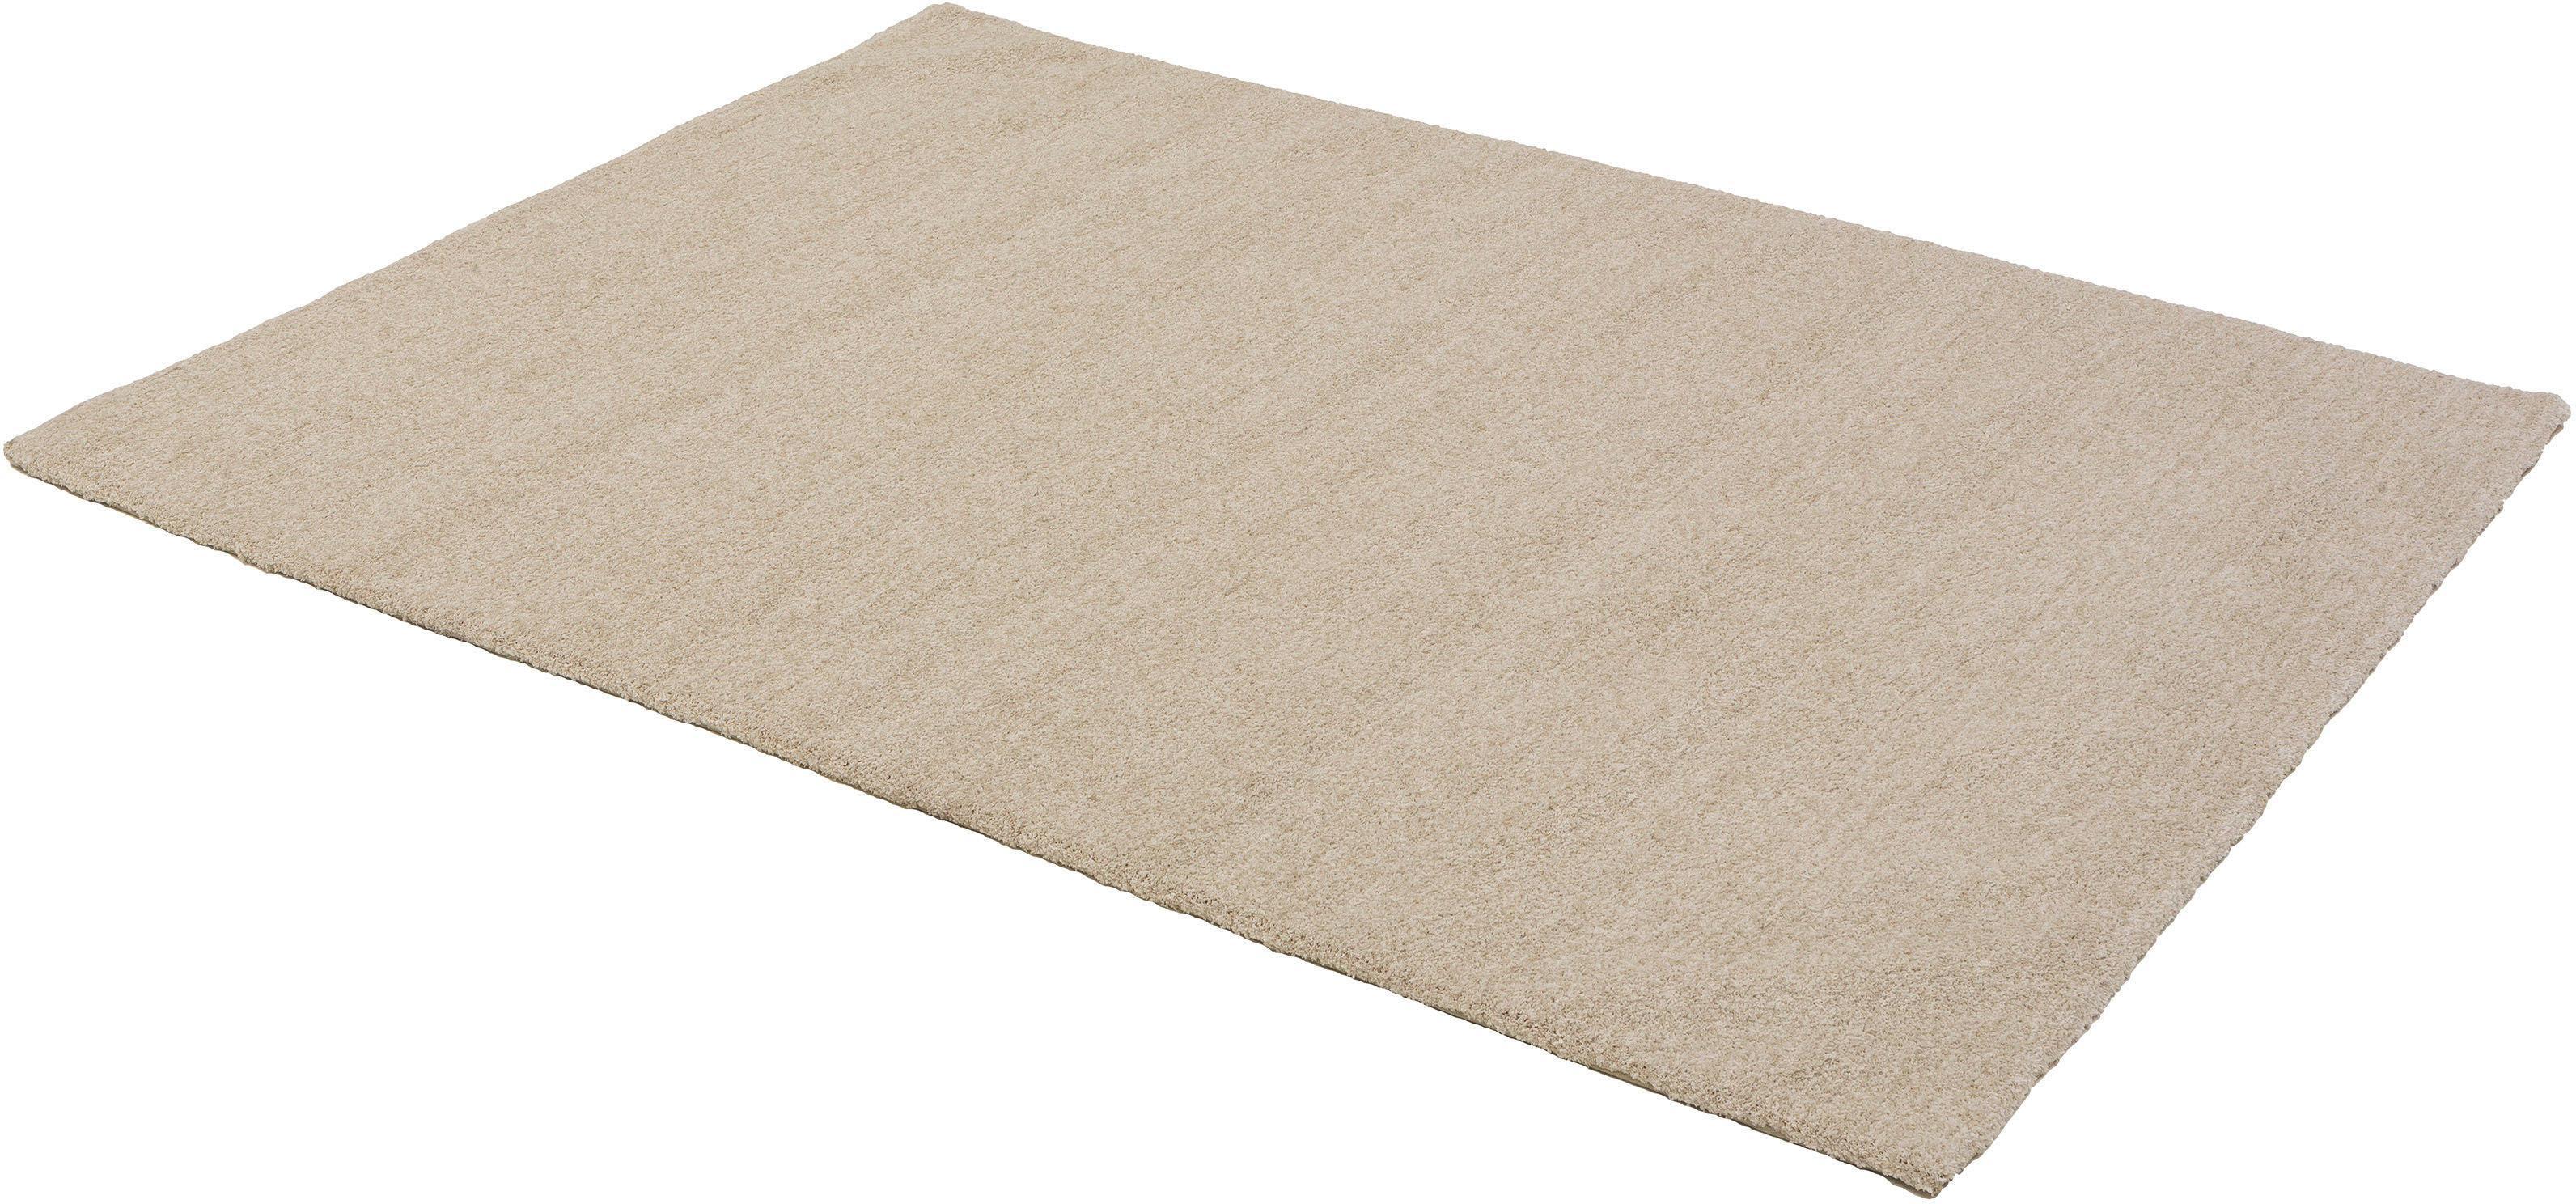 Hochflor-Teppich Livorno Melange ASTRA rechteckig Höhe 27 mm